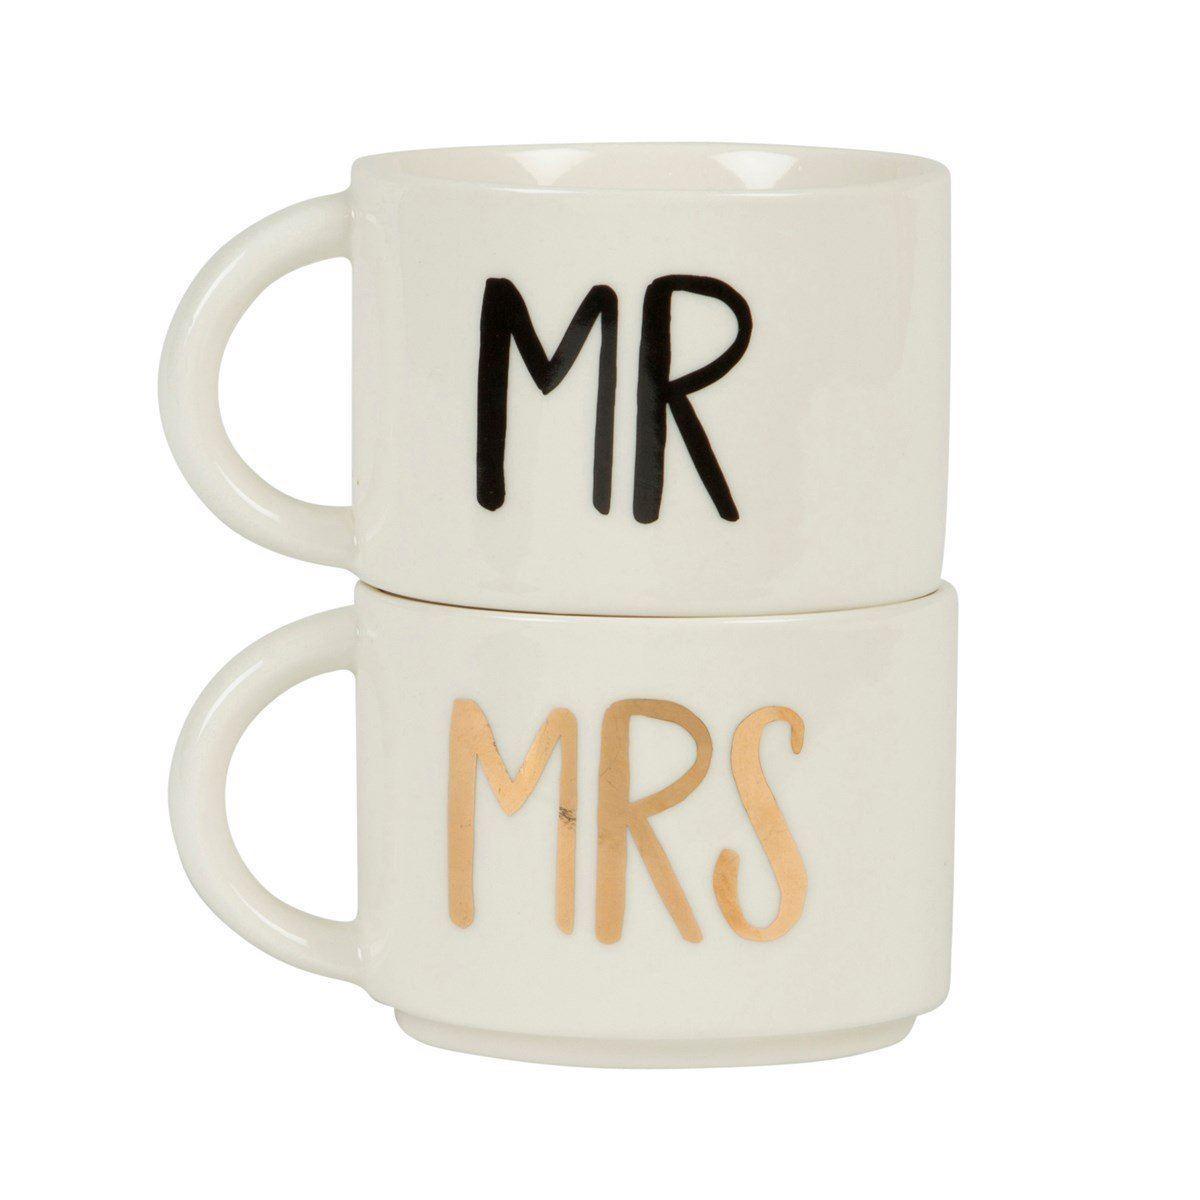 80d348ecf80 Mr & Mrs Stacking Mugs (Set Of 2)